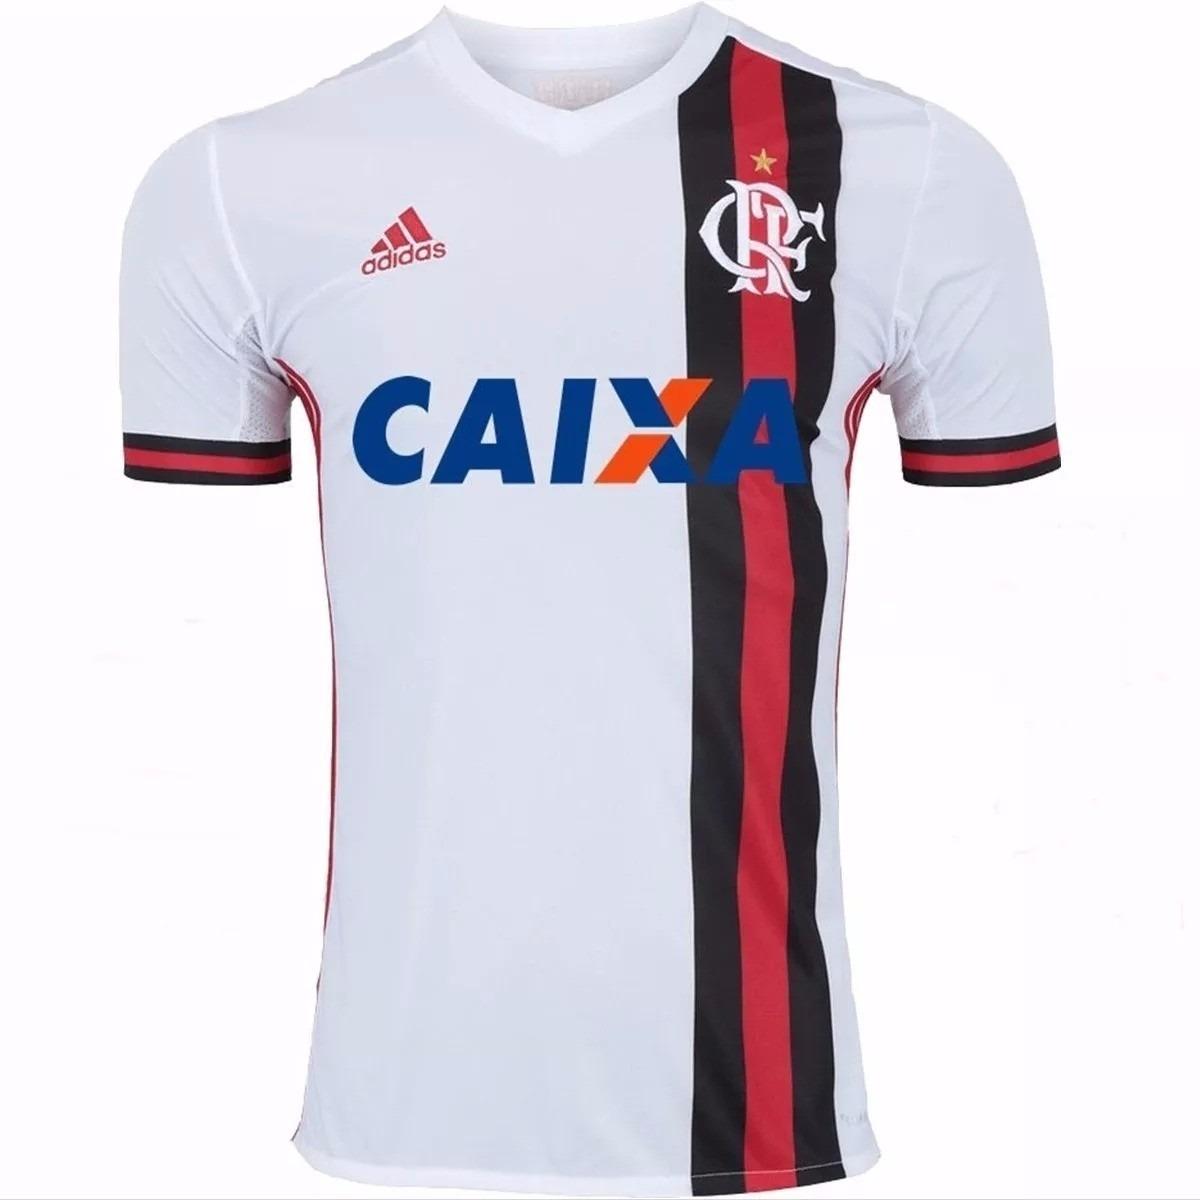 5711c5d5ead6e Flamengo Camisa Jogo E Treino Mengão P  Homem Super Promoção - R  99 ...